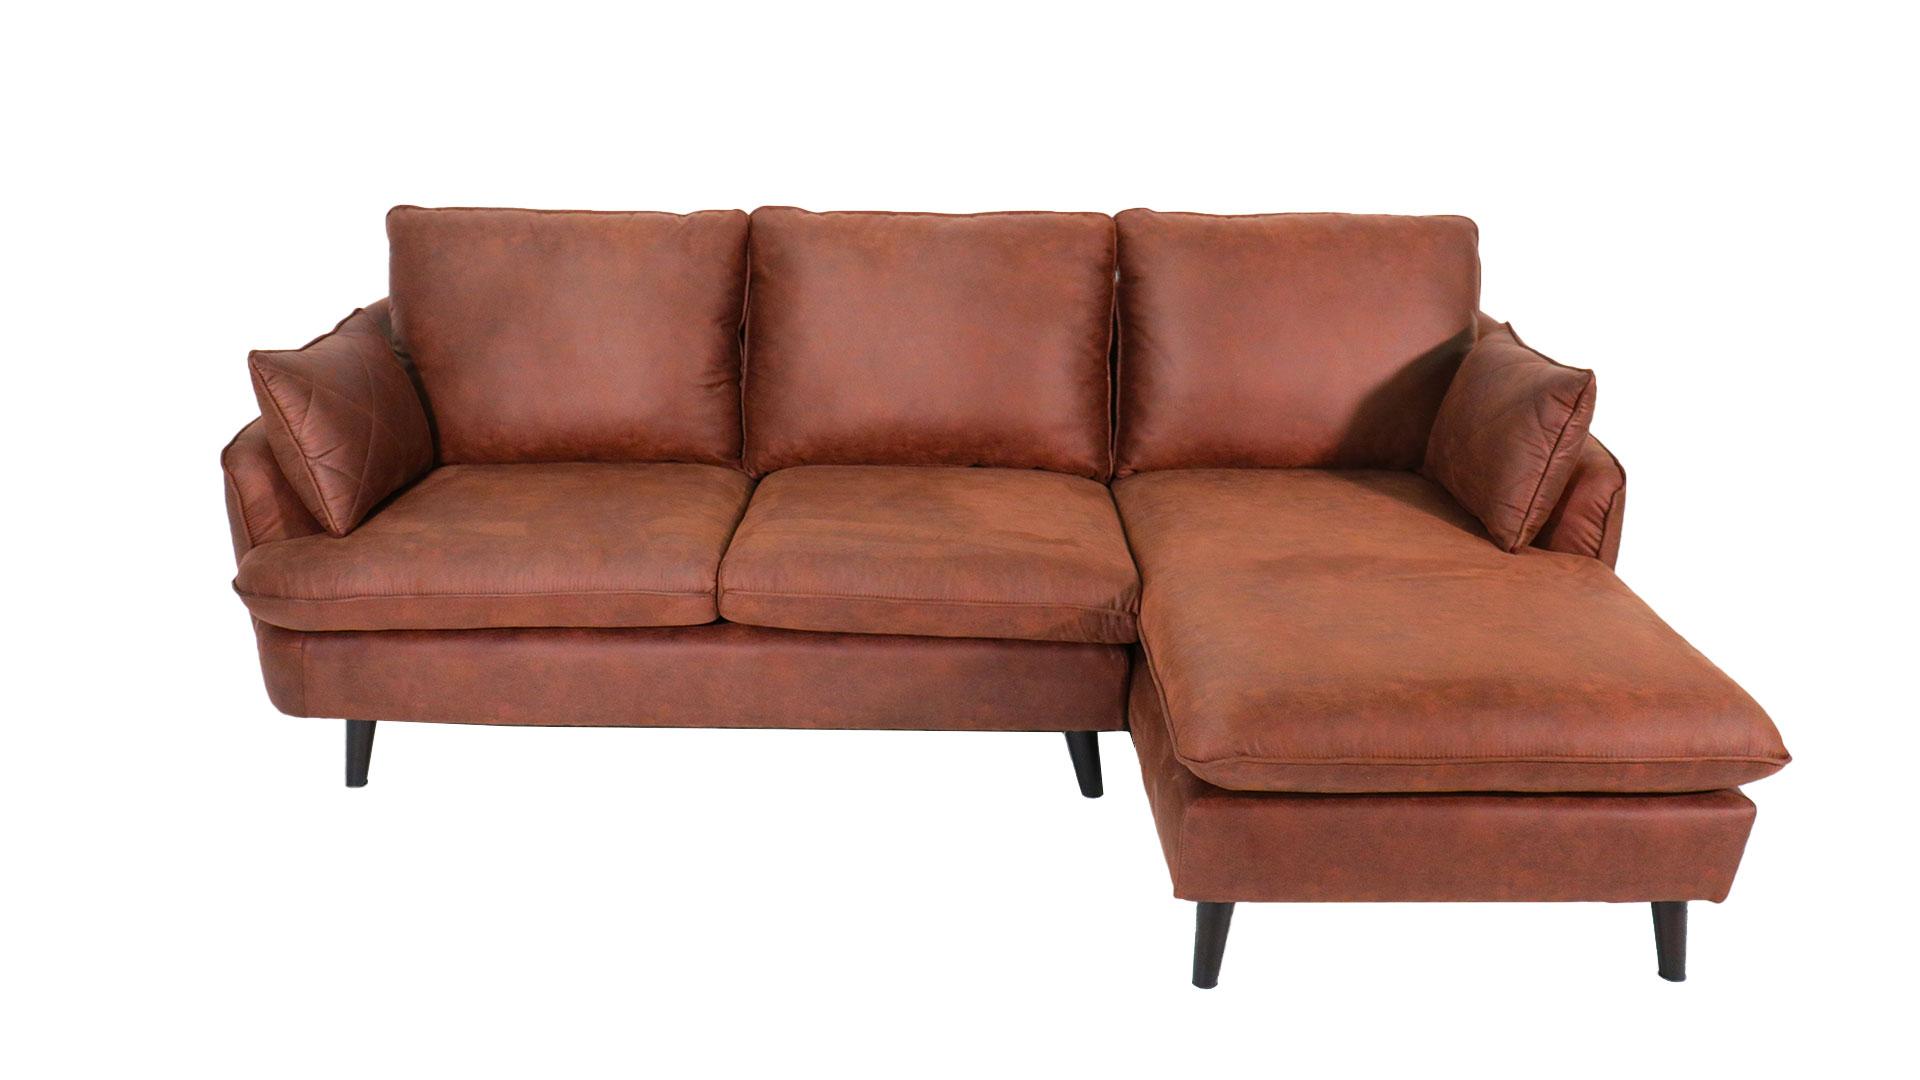 ゆったりと座れるask-inのカウチソファ「モラレス」の全体を正面から撮った画像